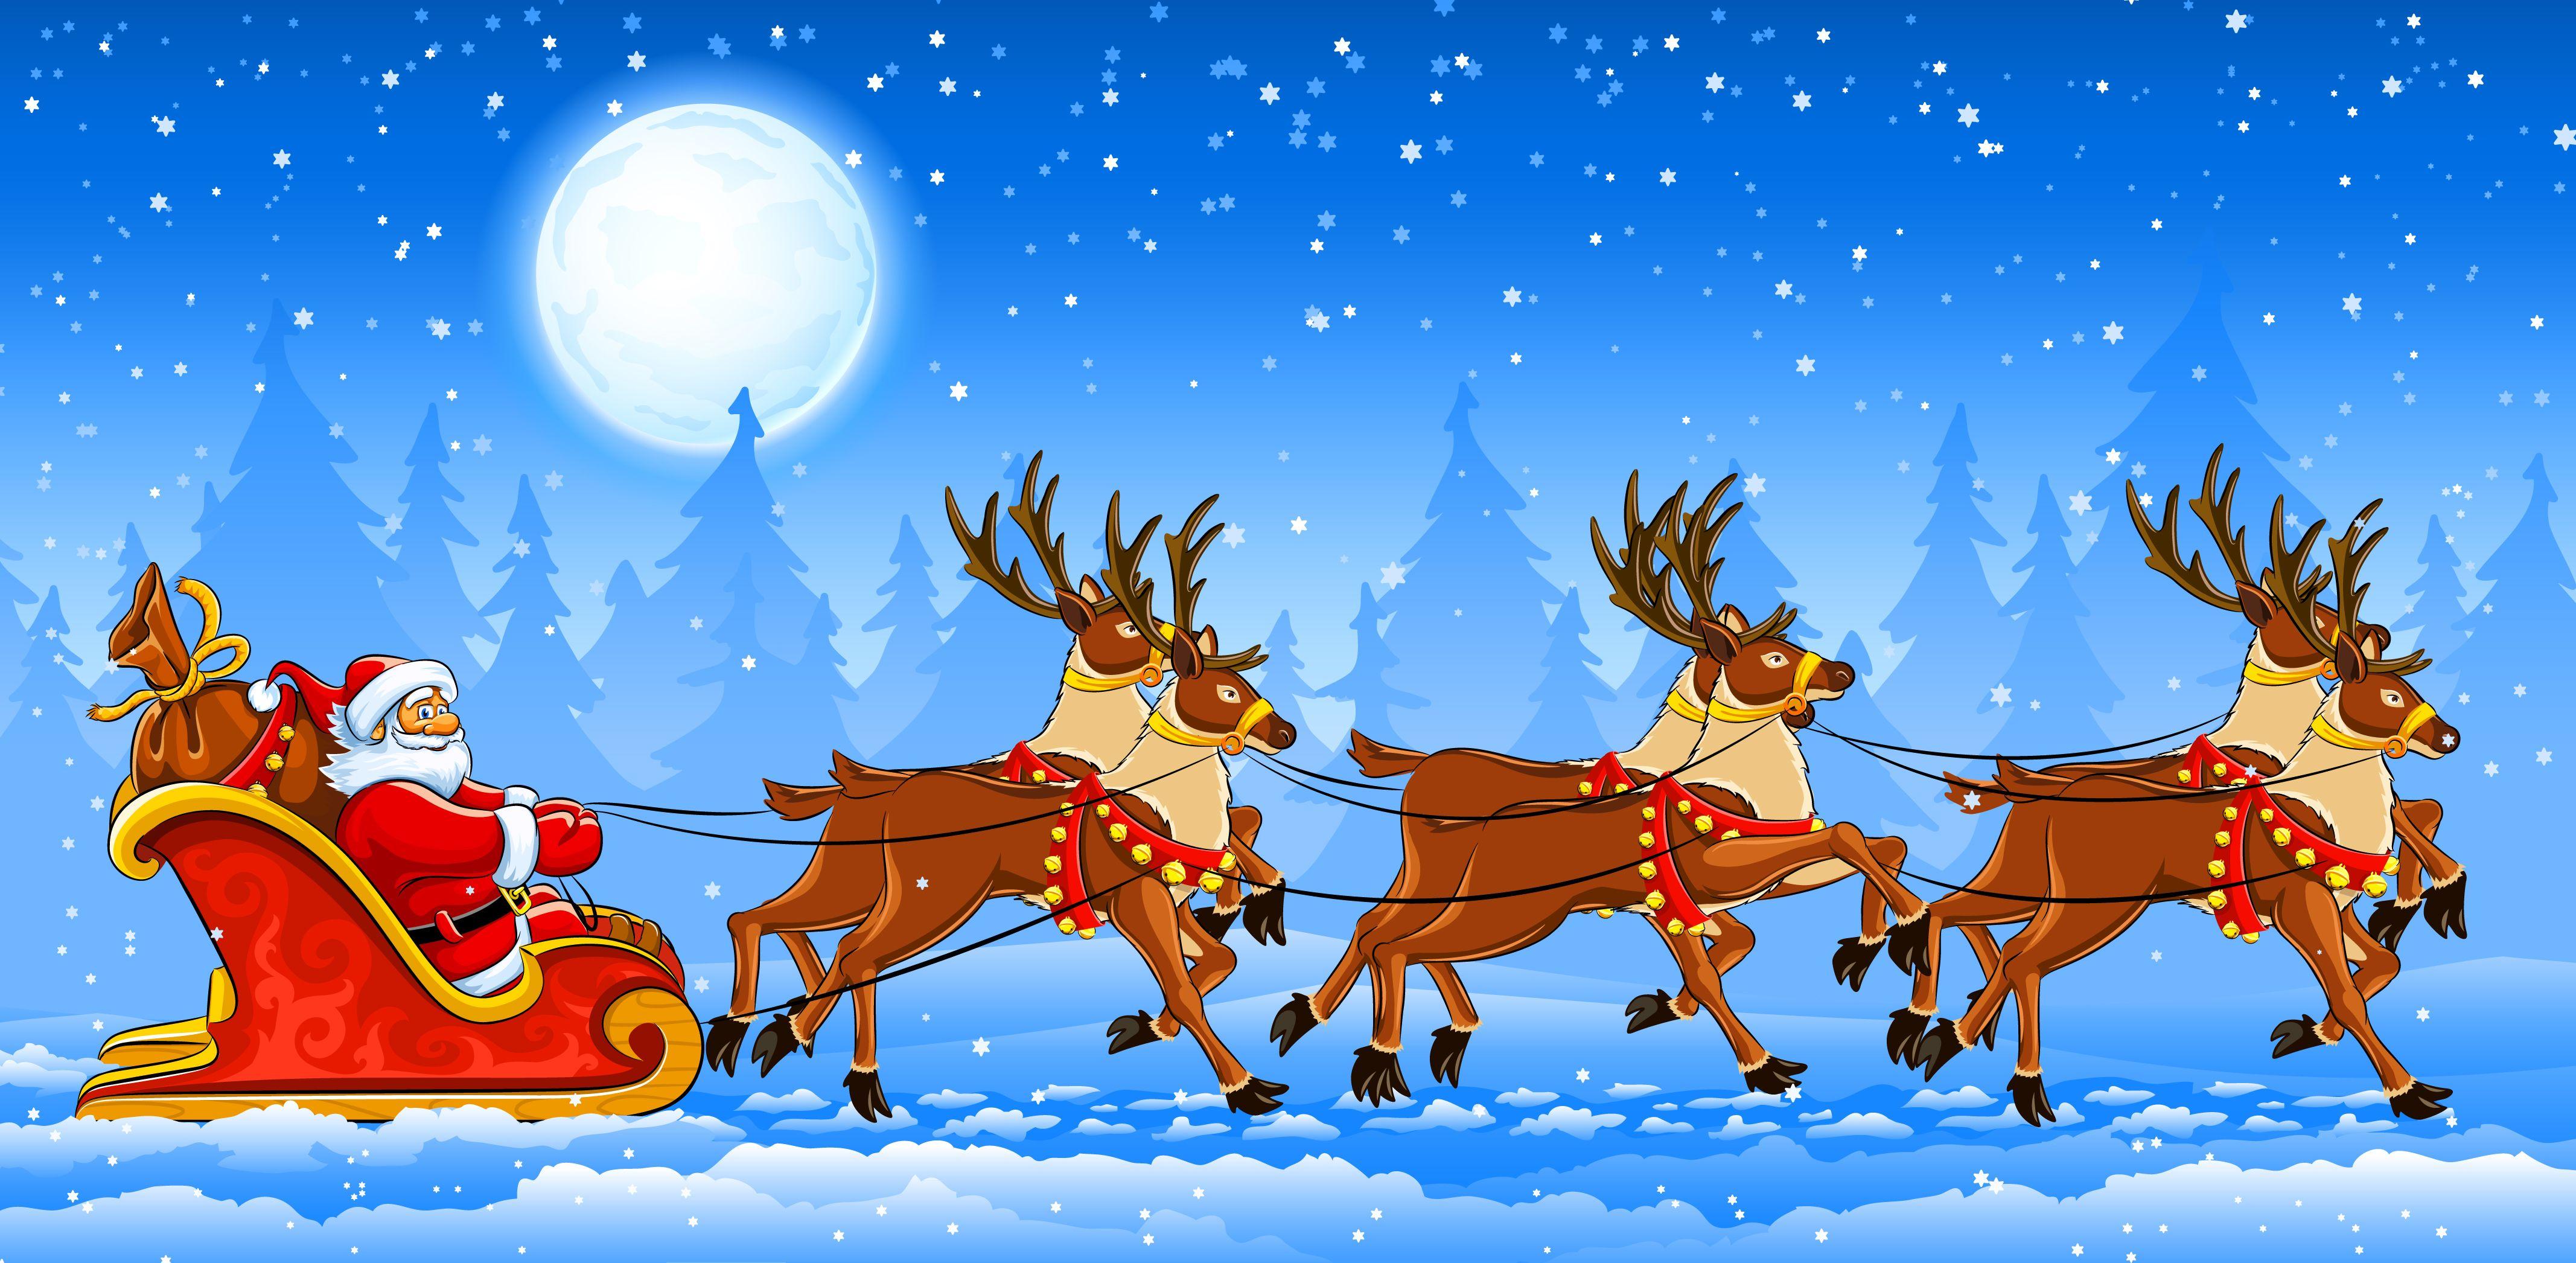 Картинка, открытка санта клаус с оленями